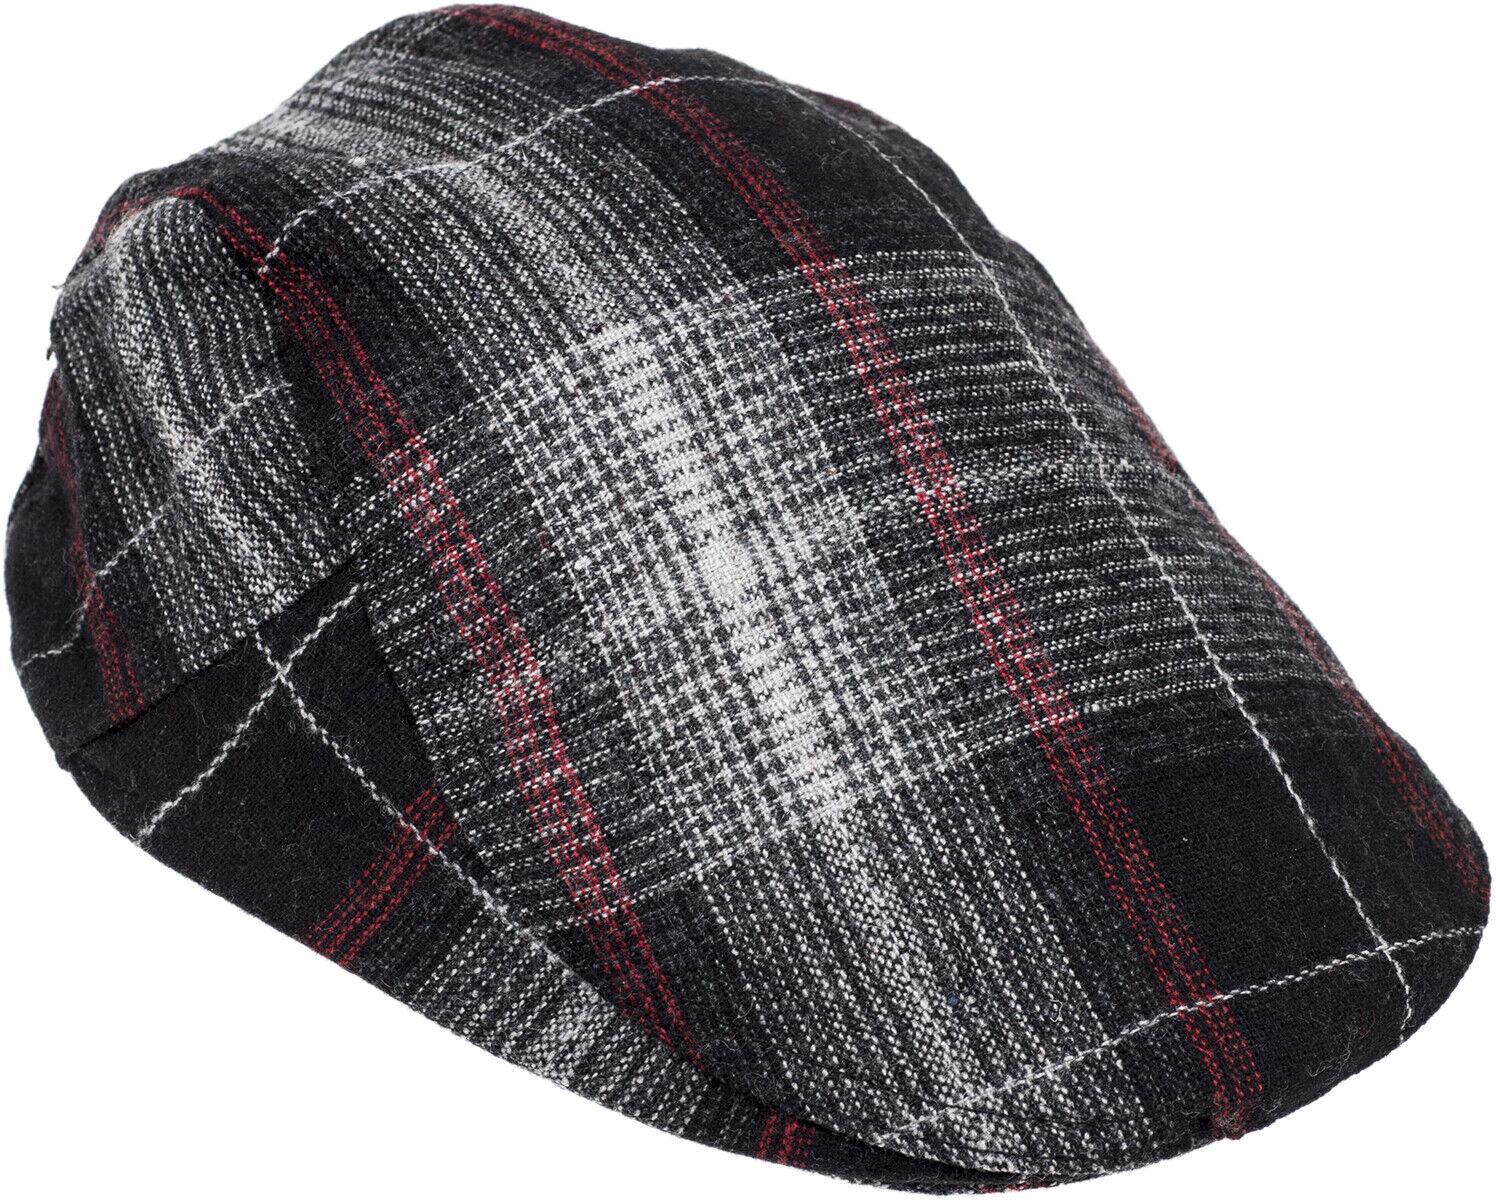 Retro PLAID 50s Karo KARIERTE Schiebermütze FLAT CAP Rockabilly